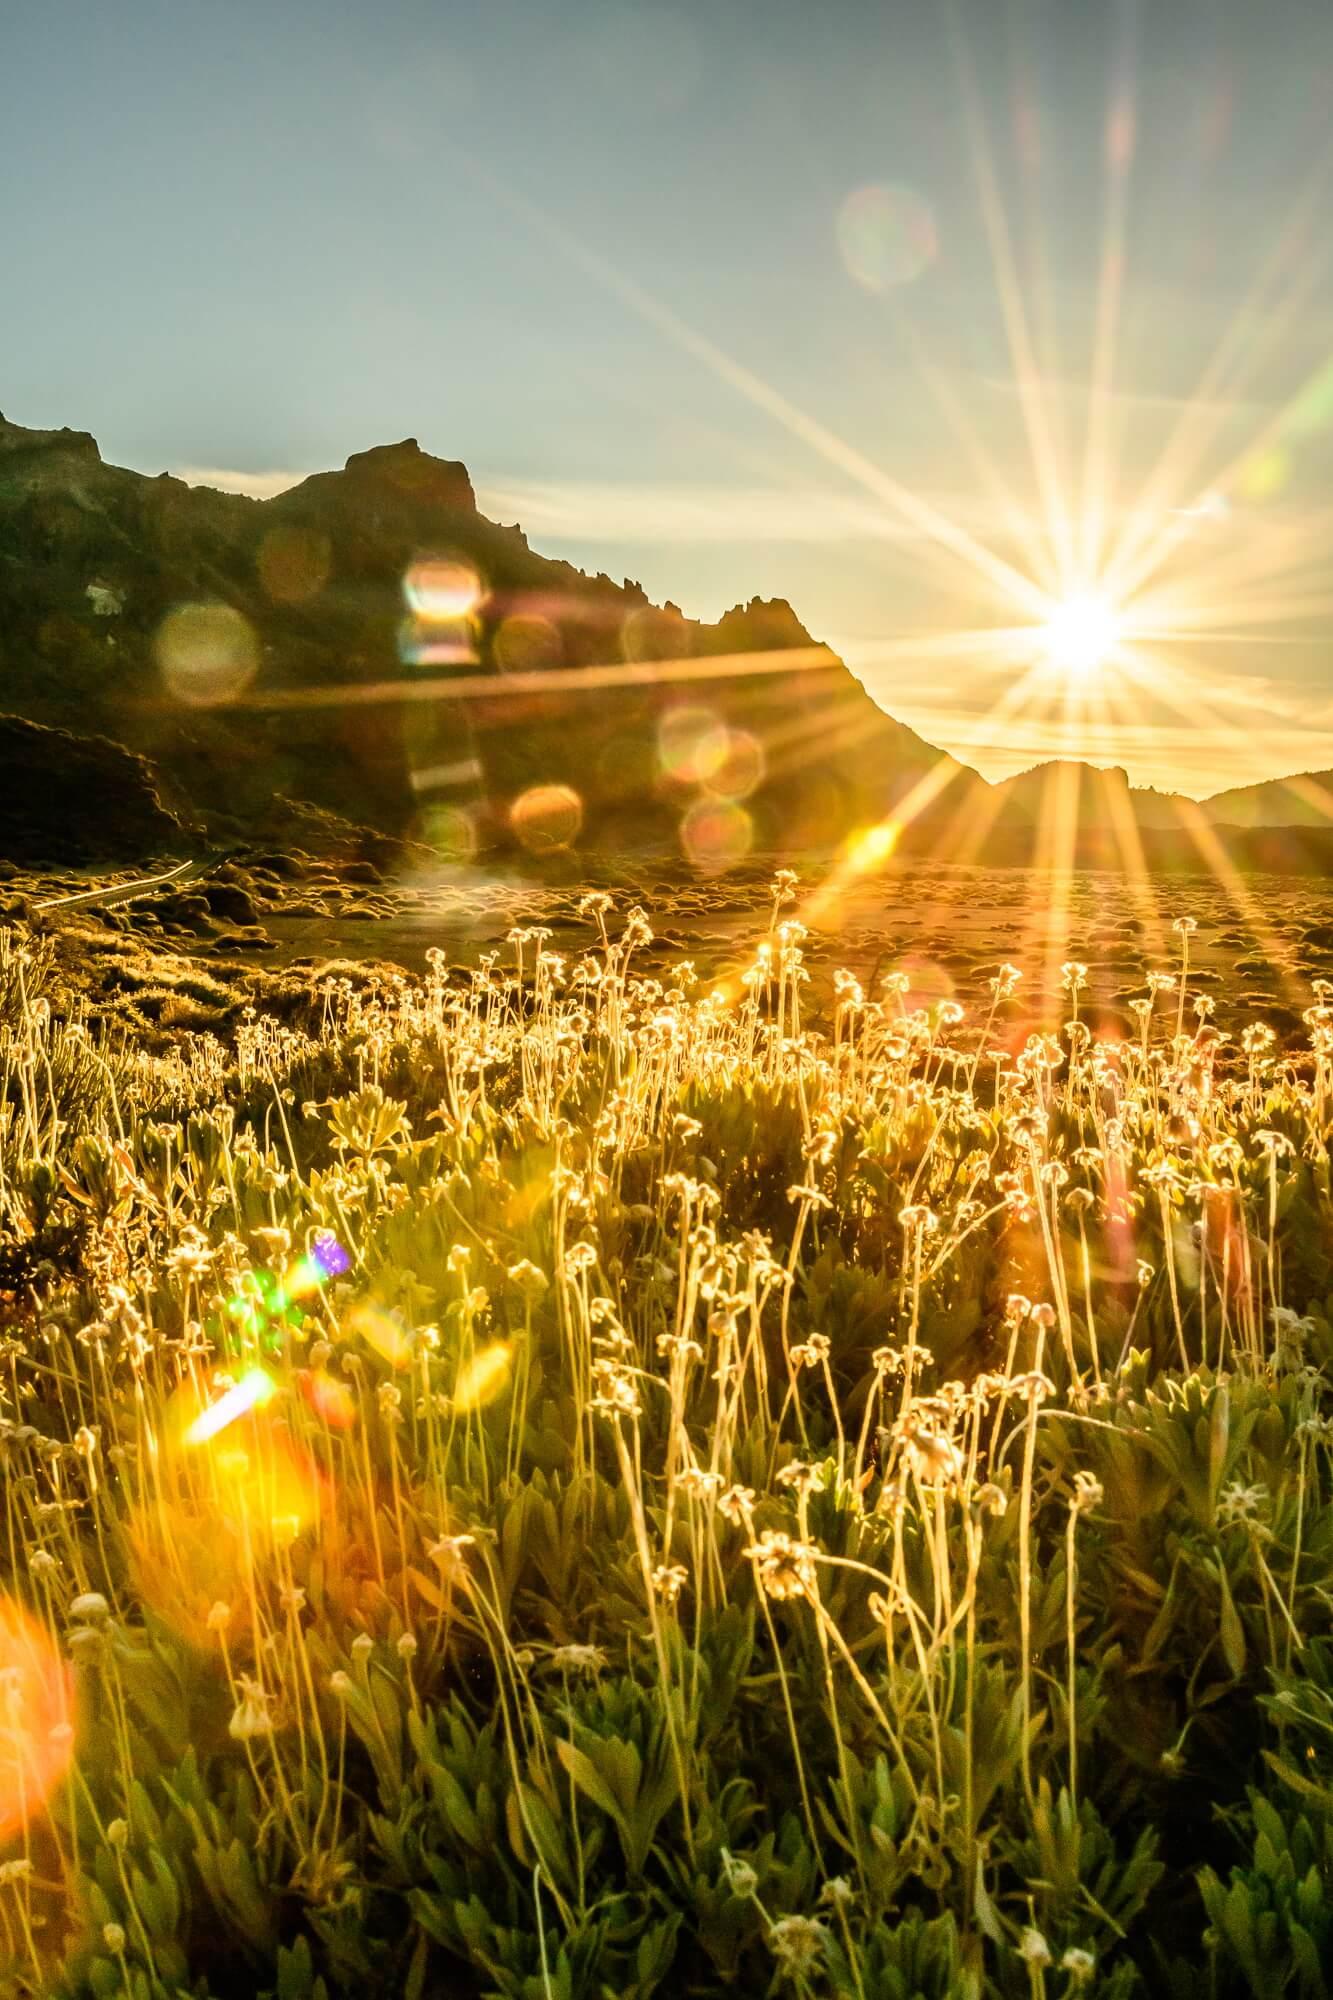 Teneriffa - Wir genießen den Sonnenuntergang am Vulkan Teide während wir auf den Automechaniker warten